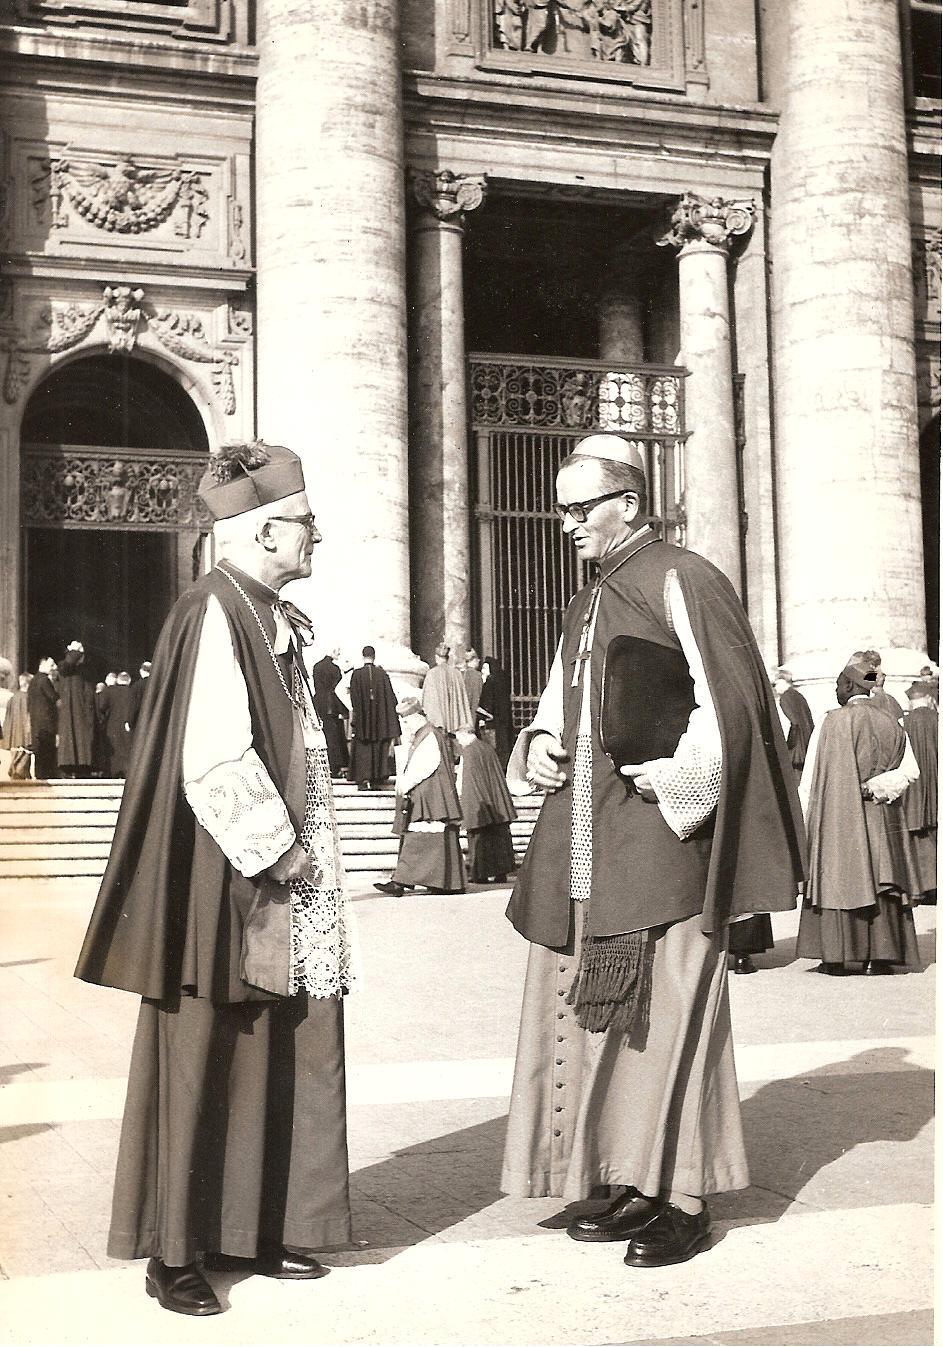 A Rome, à gauche, pendant le concile de Vatican II, en compagnie du Cardinal Martin